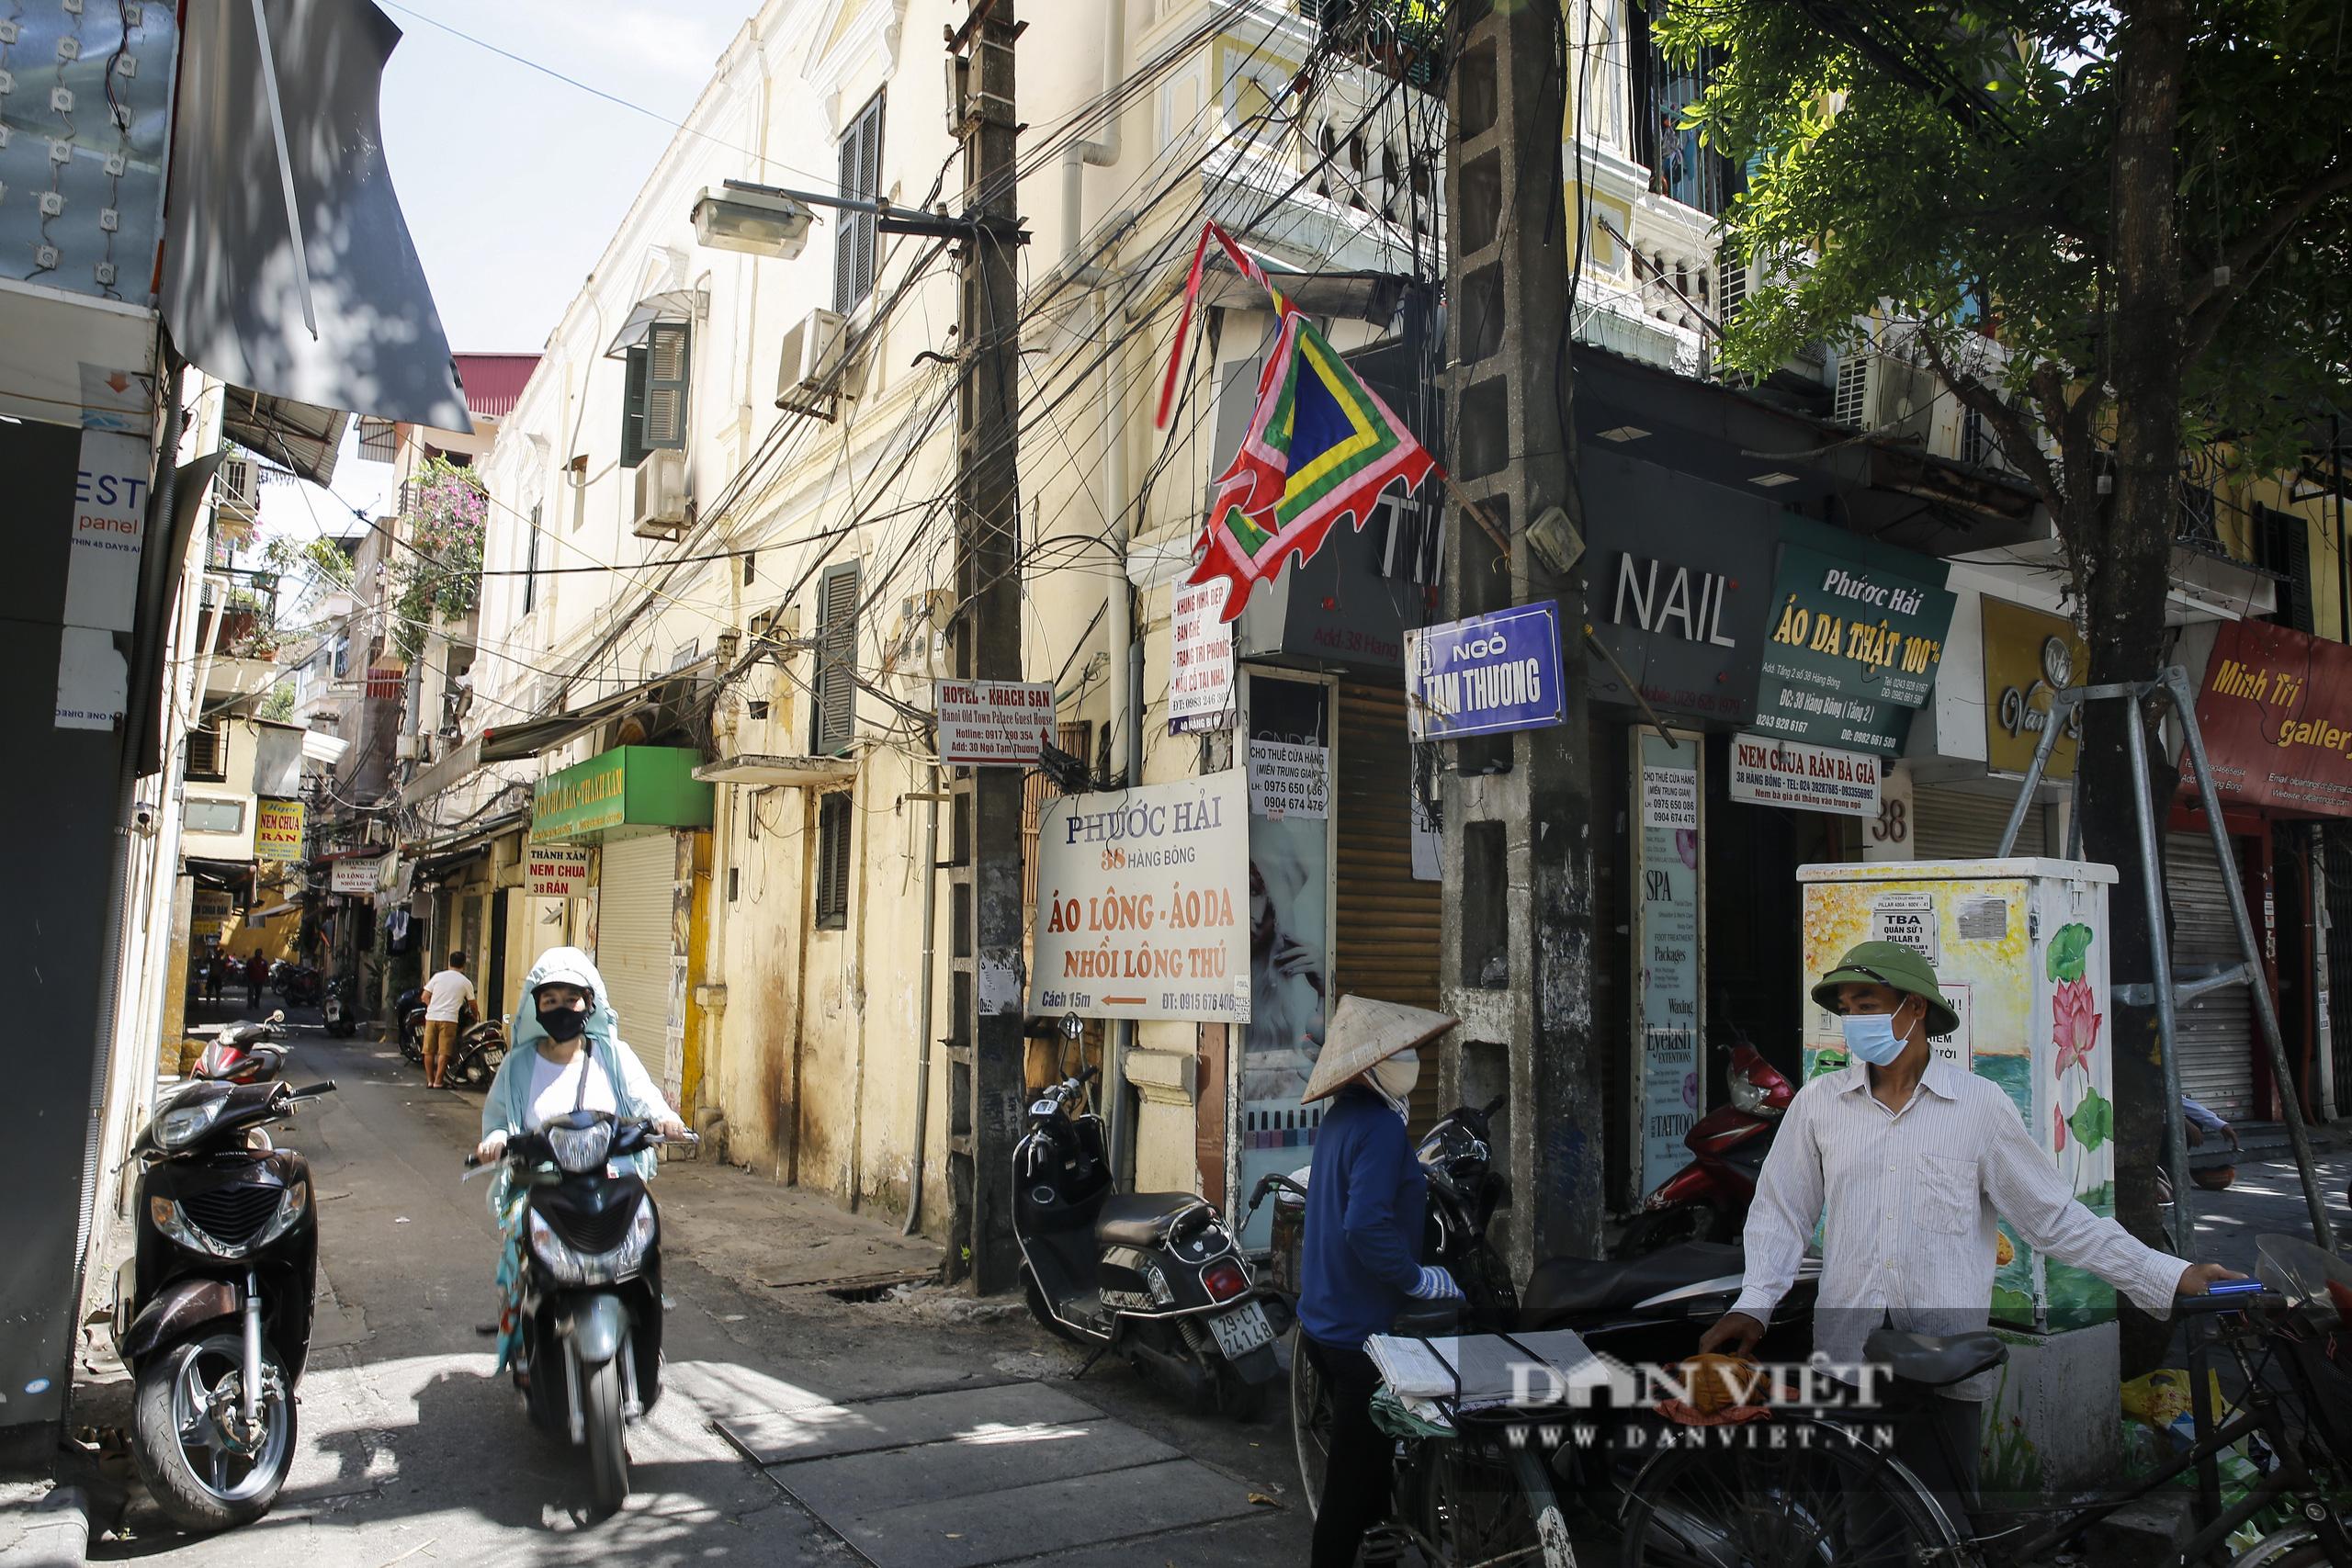 Hà Nội: Kỳ lạ con phố cổ dài 1 Km nhưng có 6 tên gọi khác nhau - Ảnh 8.